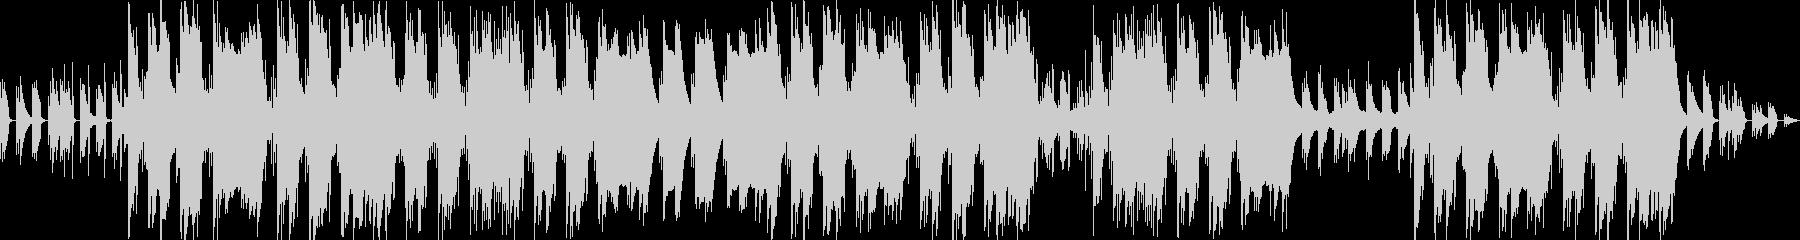 軽快なギターのアルペジオのトラップの未再生の波形